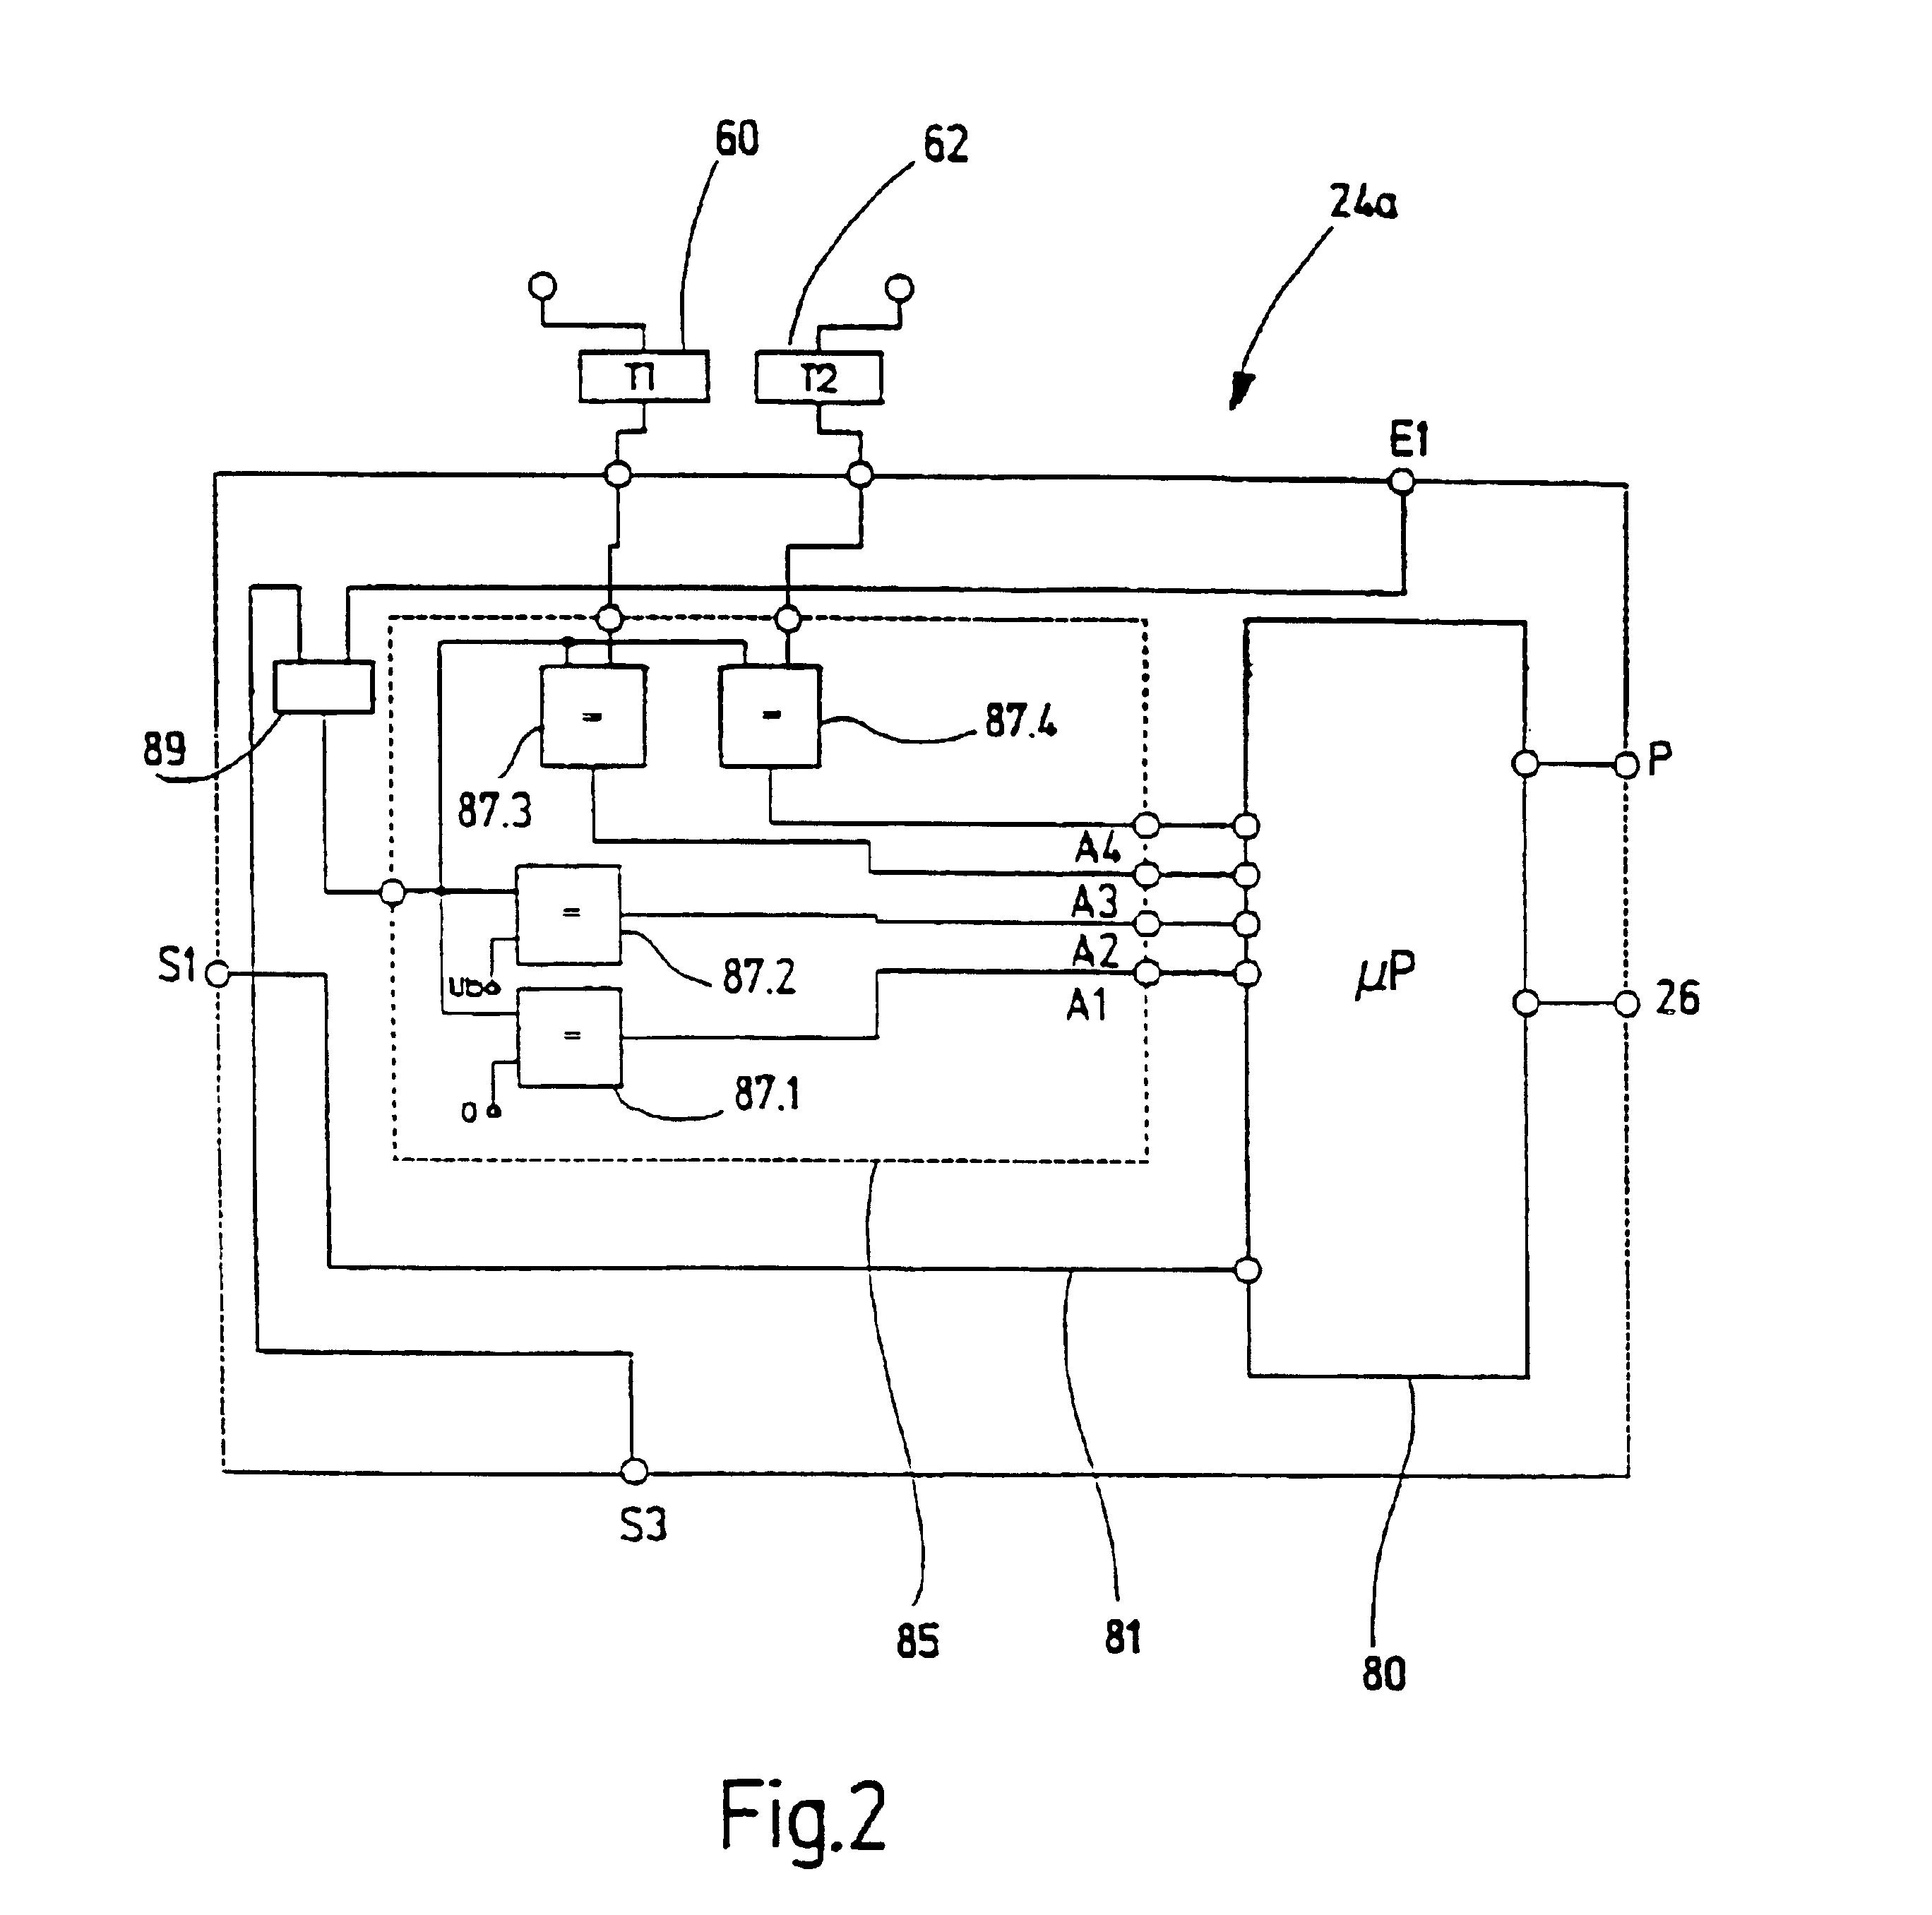 pilz-pnoz-s4-wiring-diagram-7 Pnoz S C Wiring Diagram on